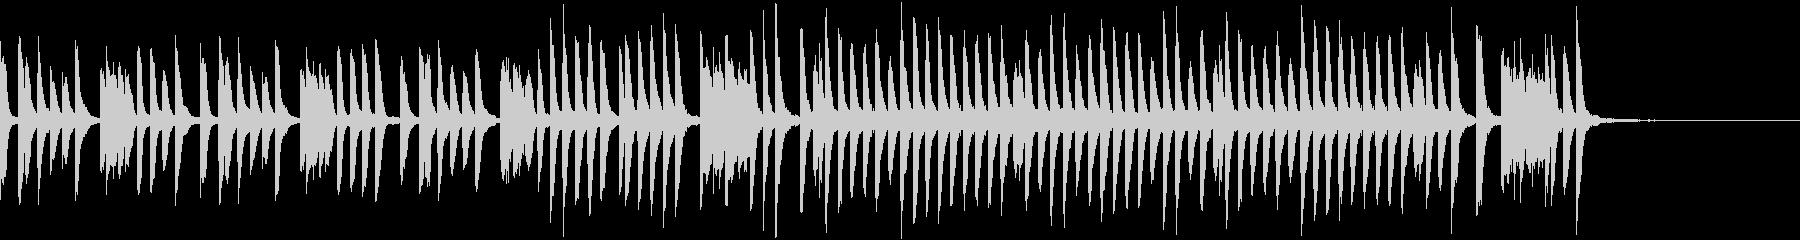 教育テレビ風かわいくて軽快なピアノソロの未再生の波形